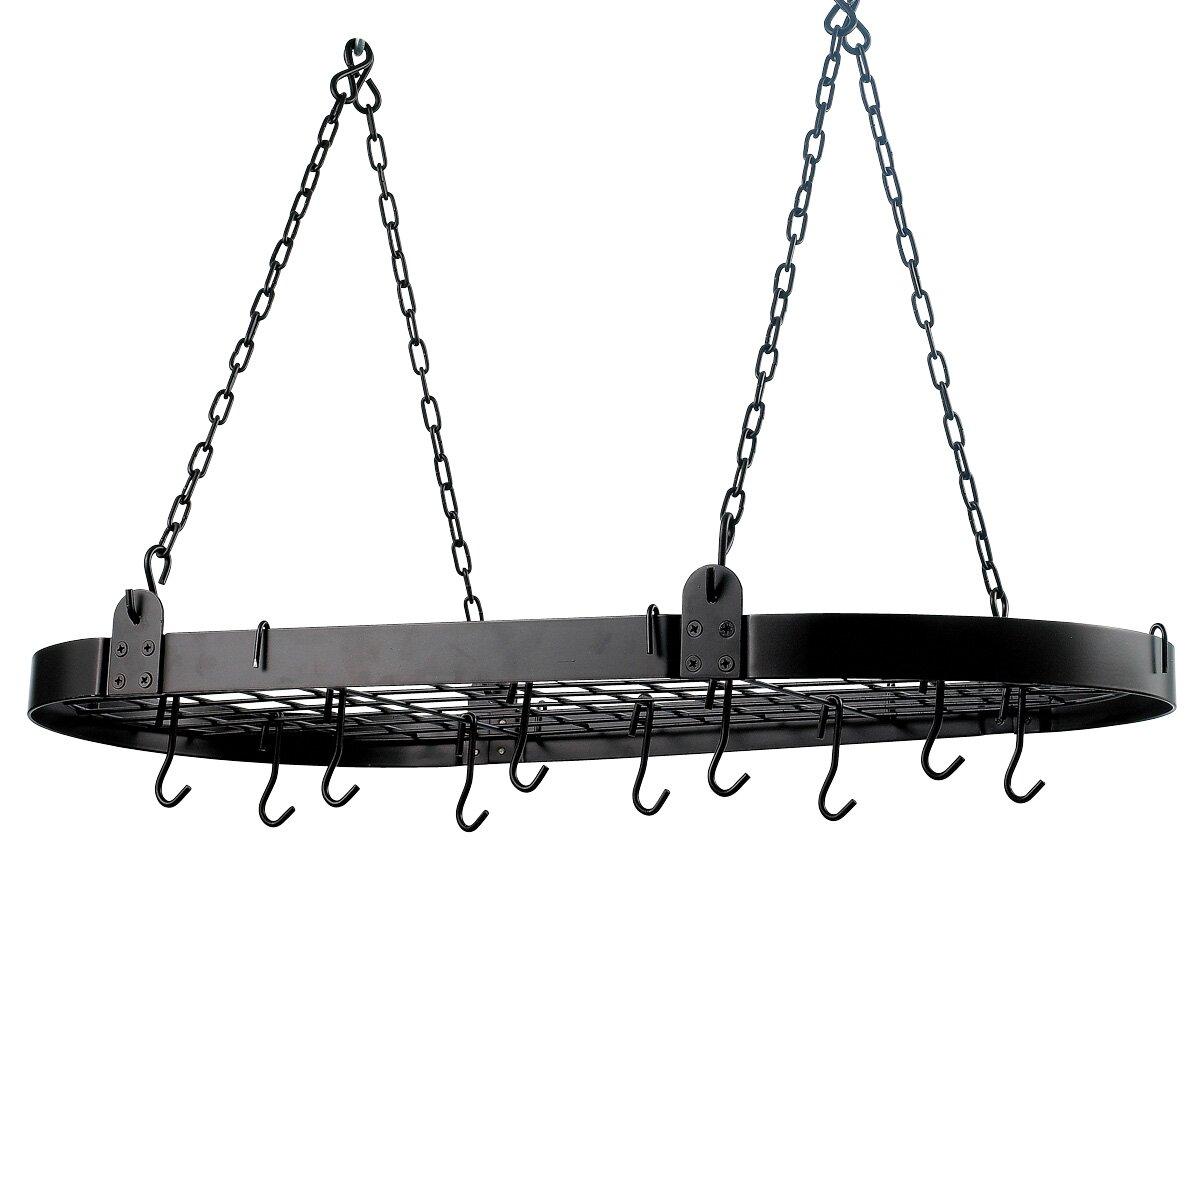 Old Dutch Oval Hanging Pot Rack Reviews Wayfair